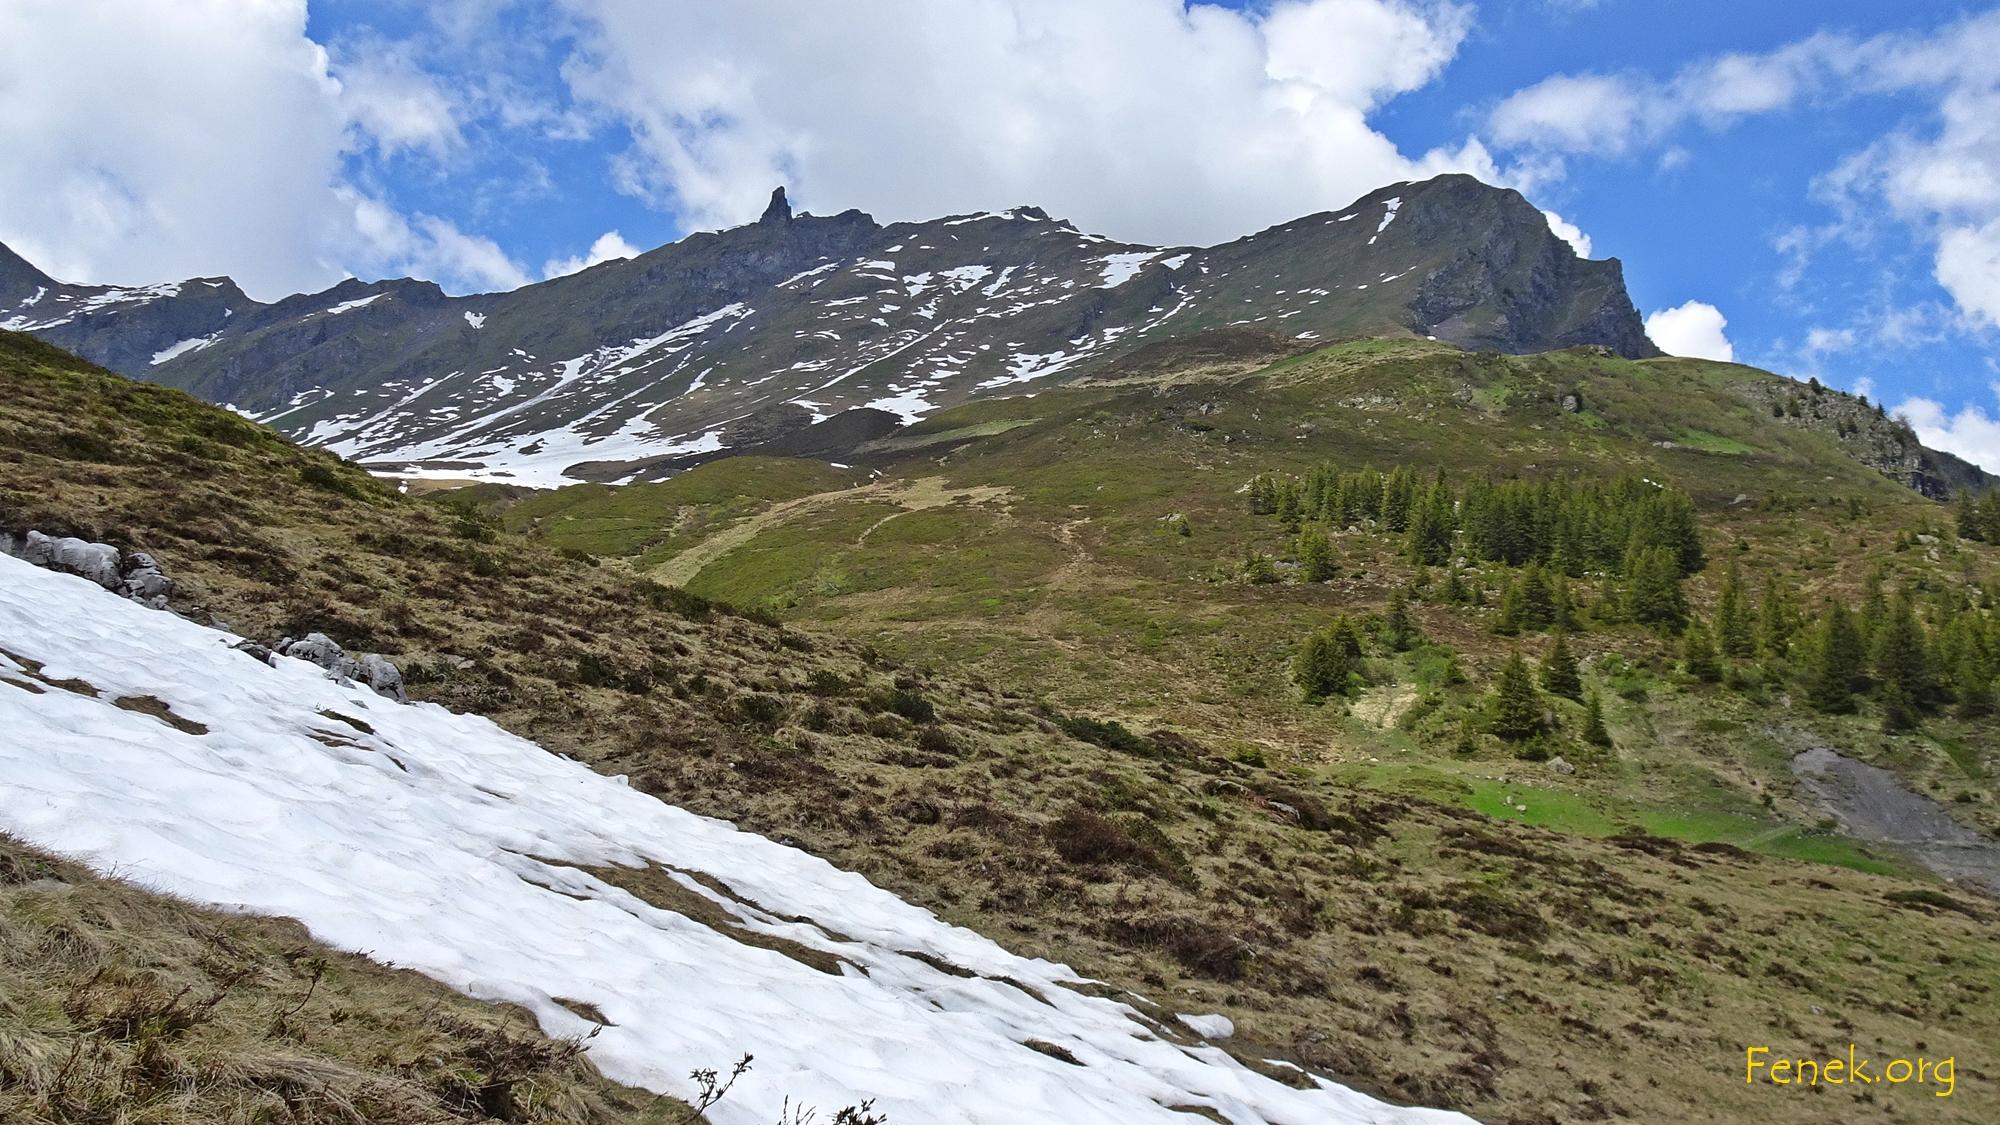 wieder unten auf der Alp